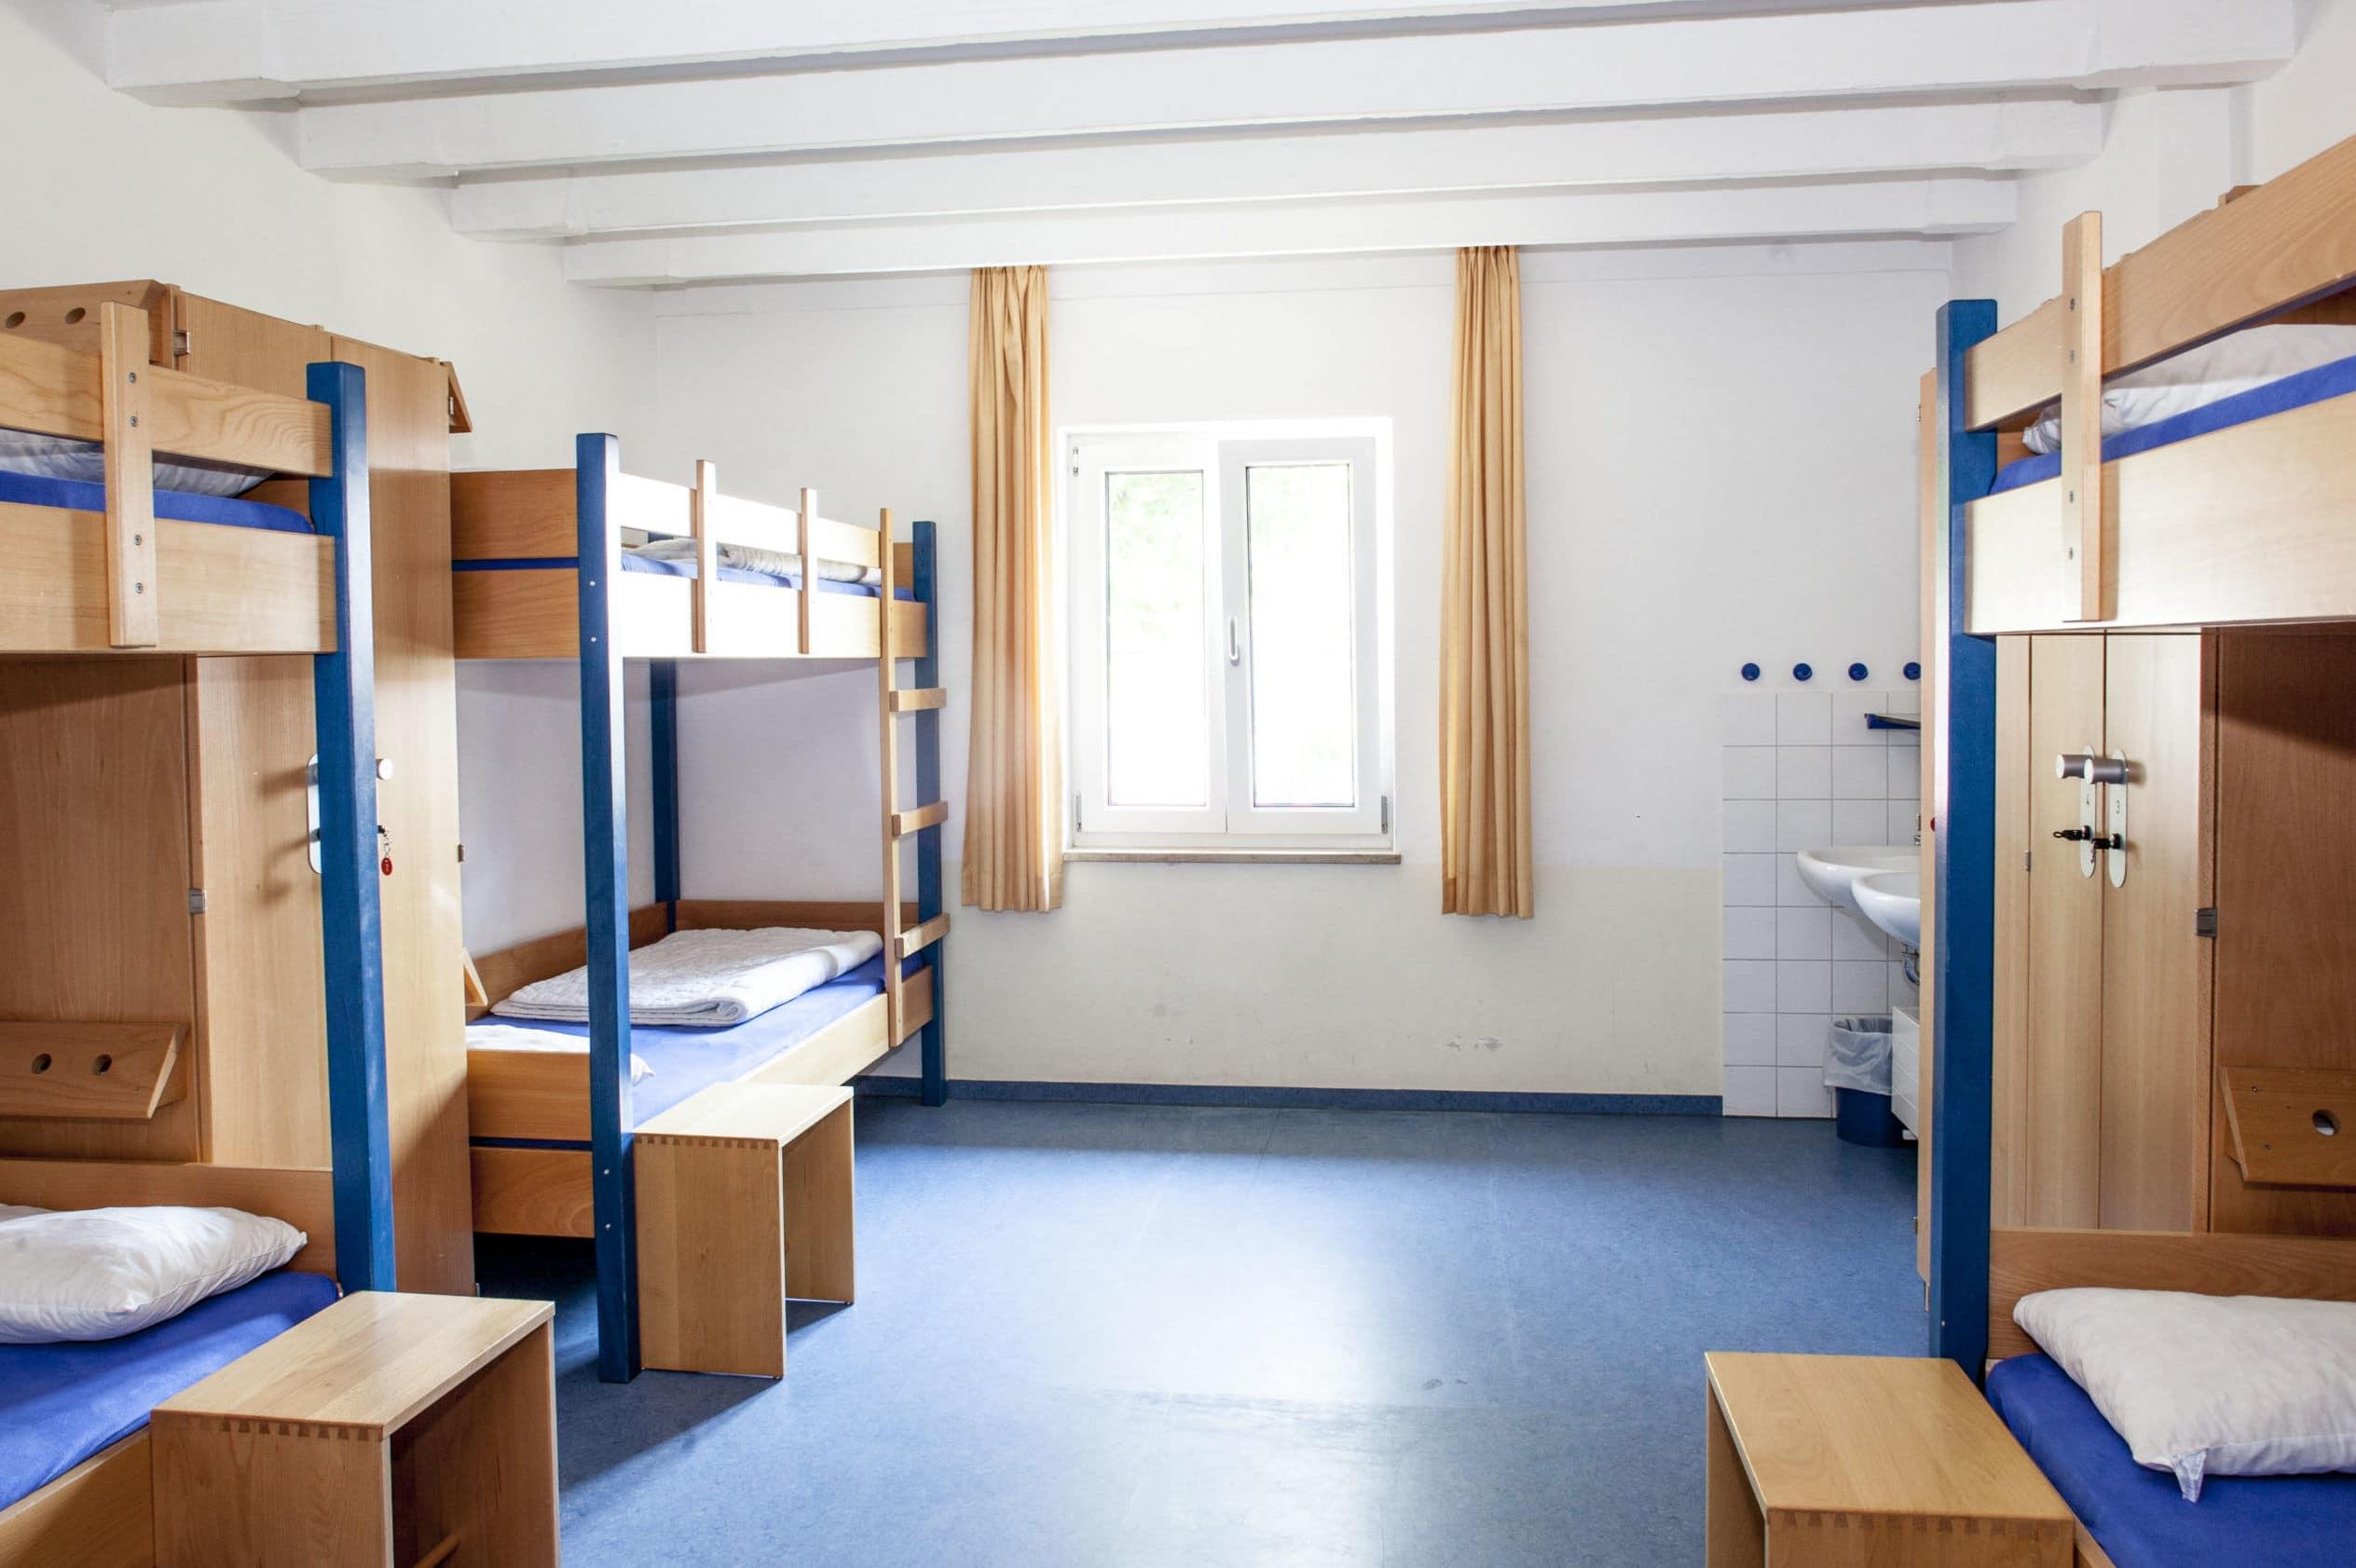 Modernen Mehrbettzimmer im Fussball Trainingslager Allgaeu